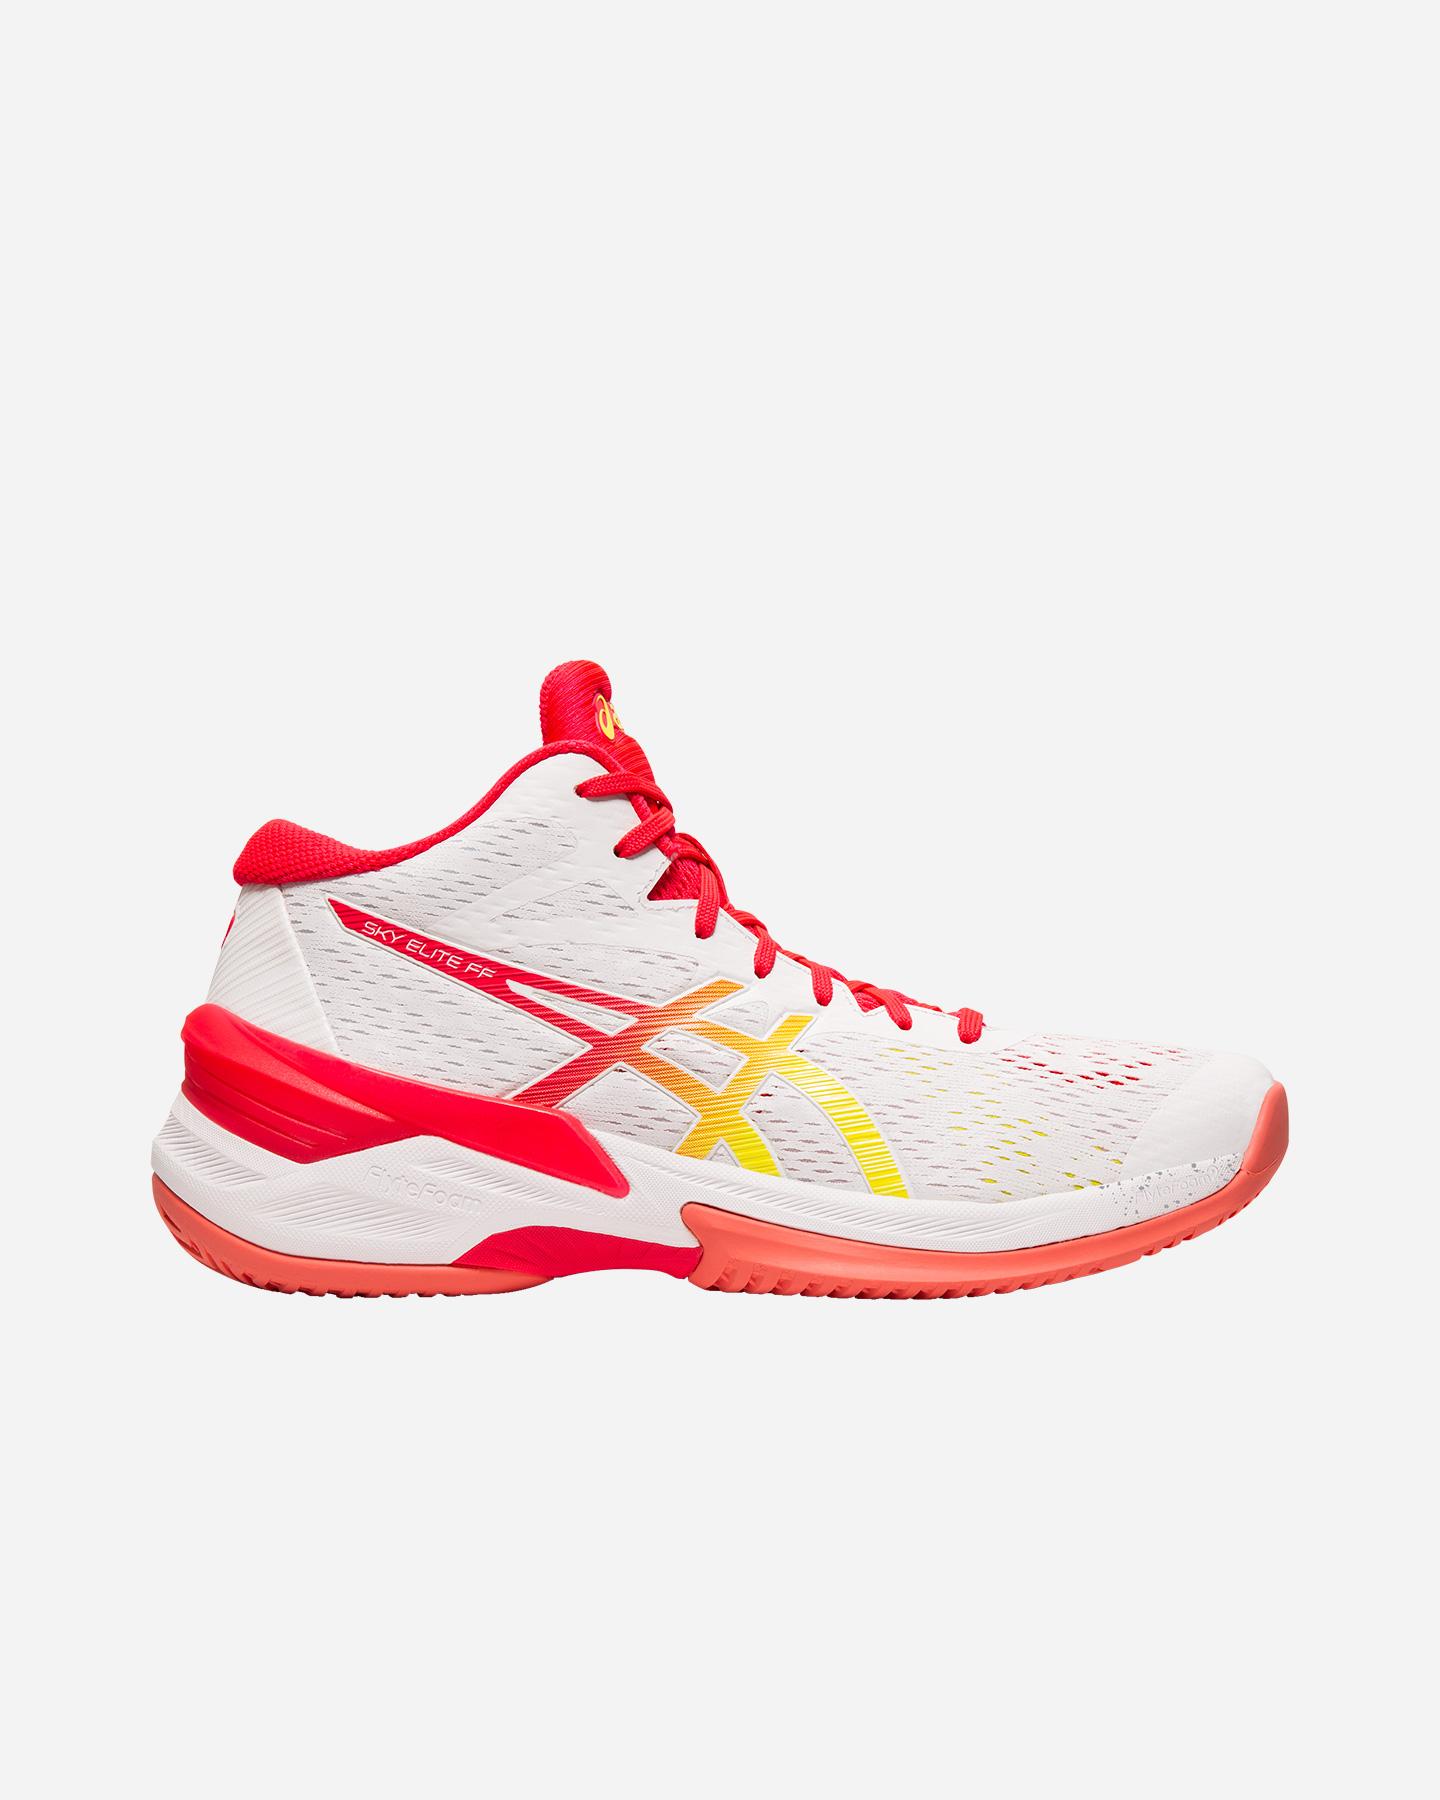 scarpe pallavolo asics gel alte Sconto Promozioni fino al 50%